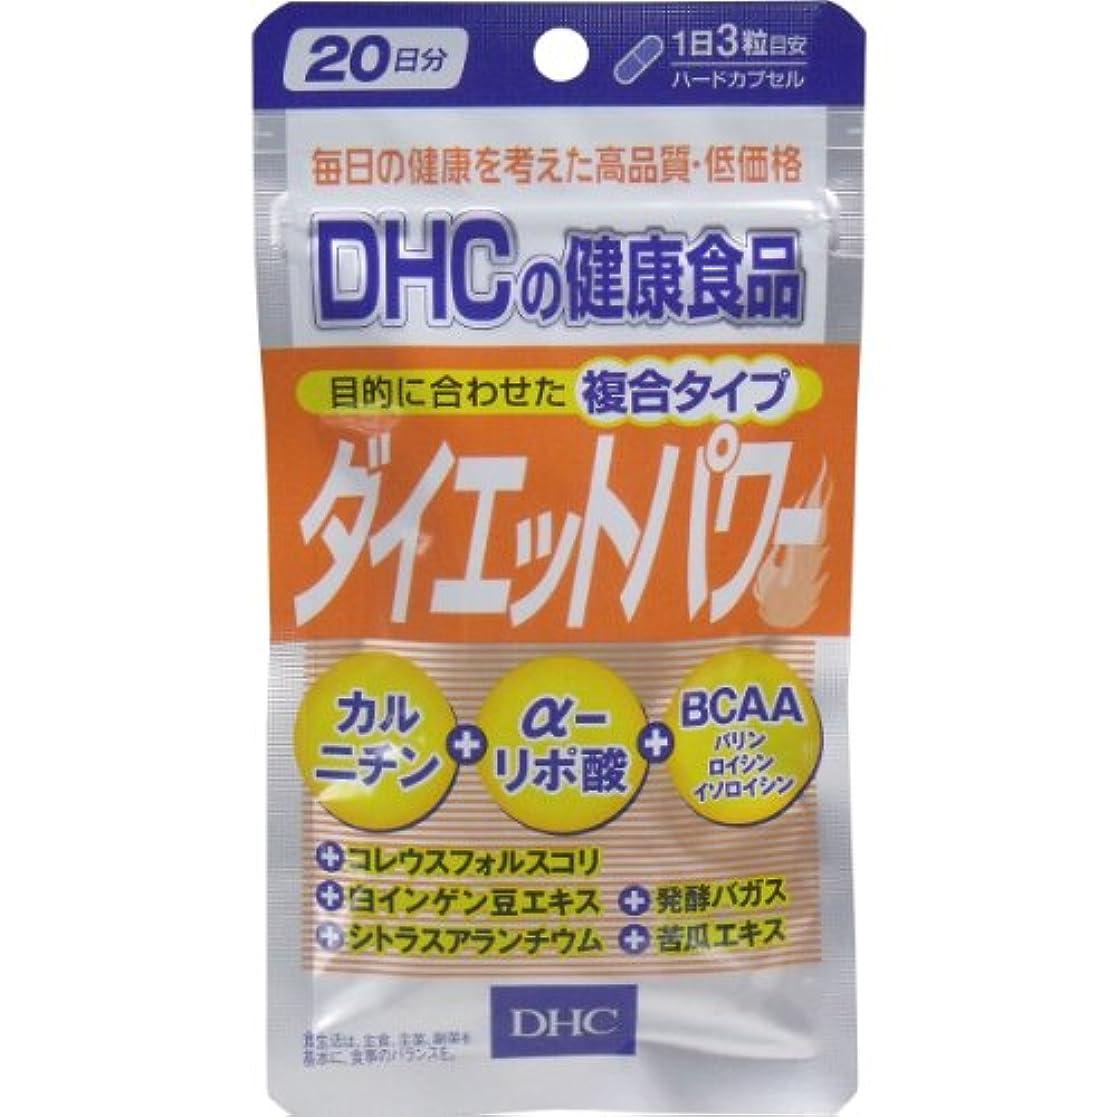 虹スリット旋律的DHC ダイエットパワー 60粒入 20日分